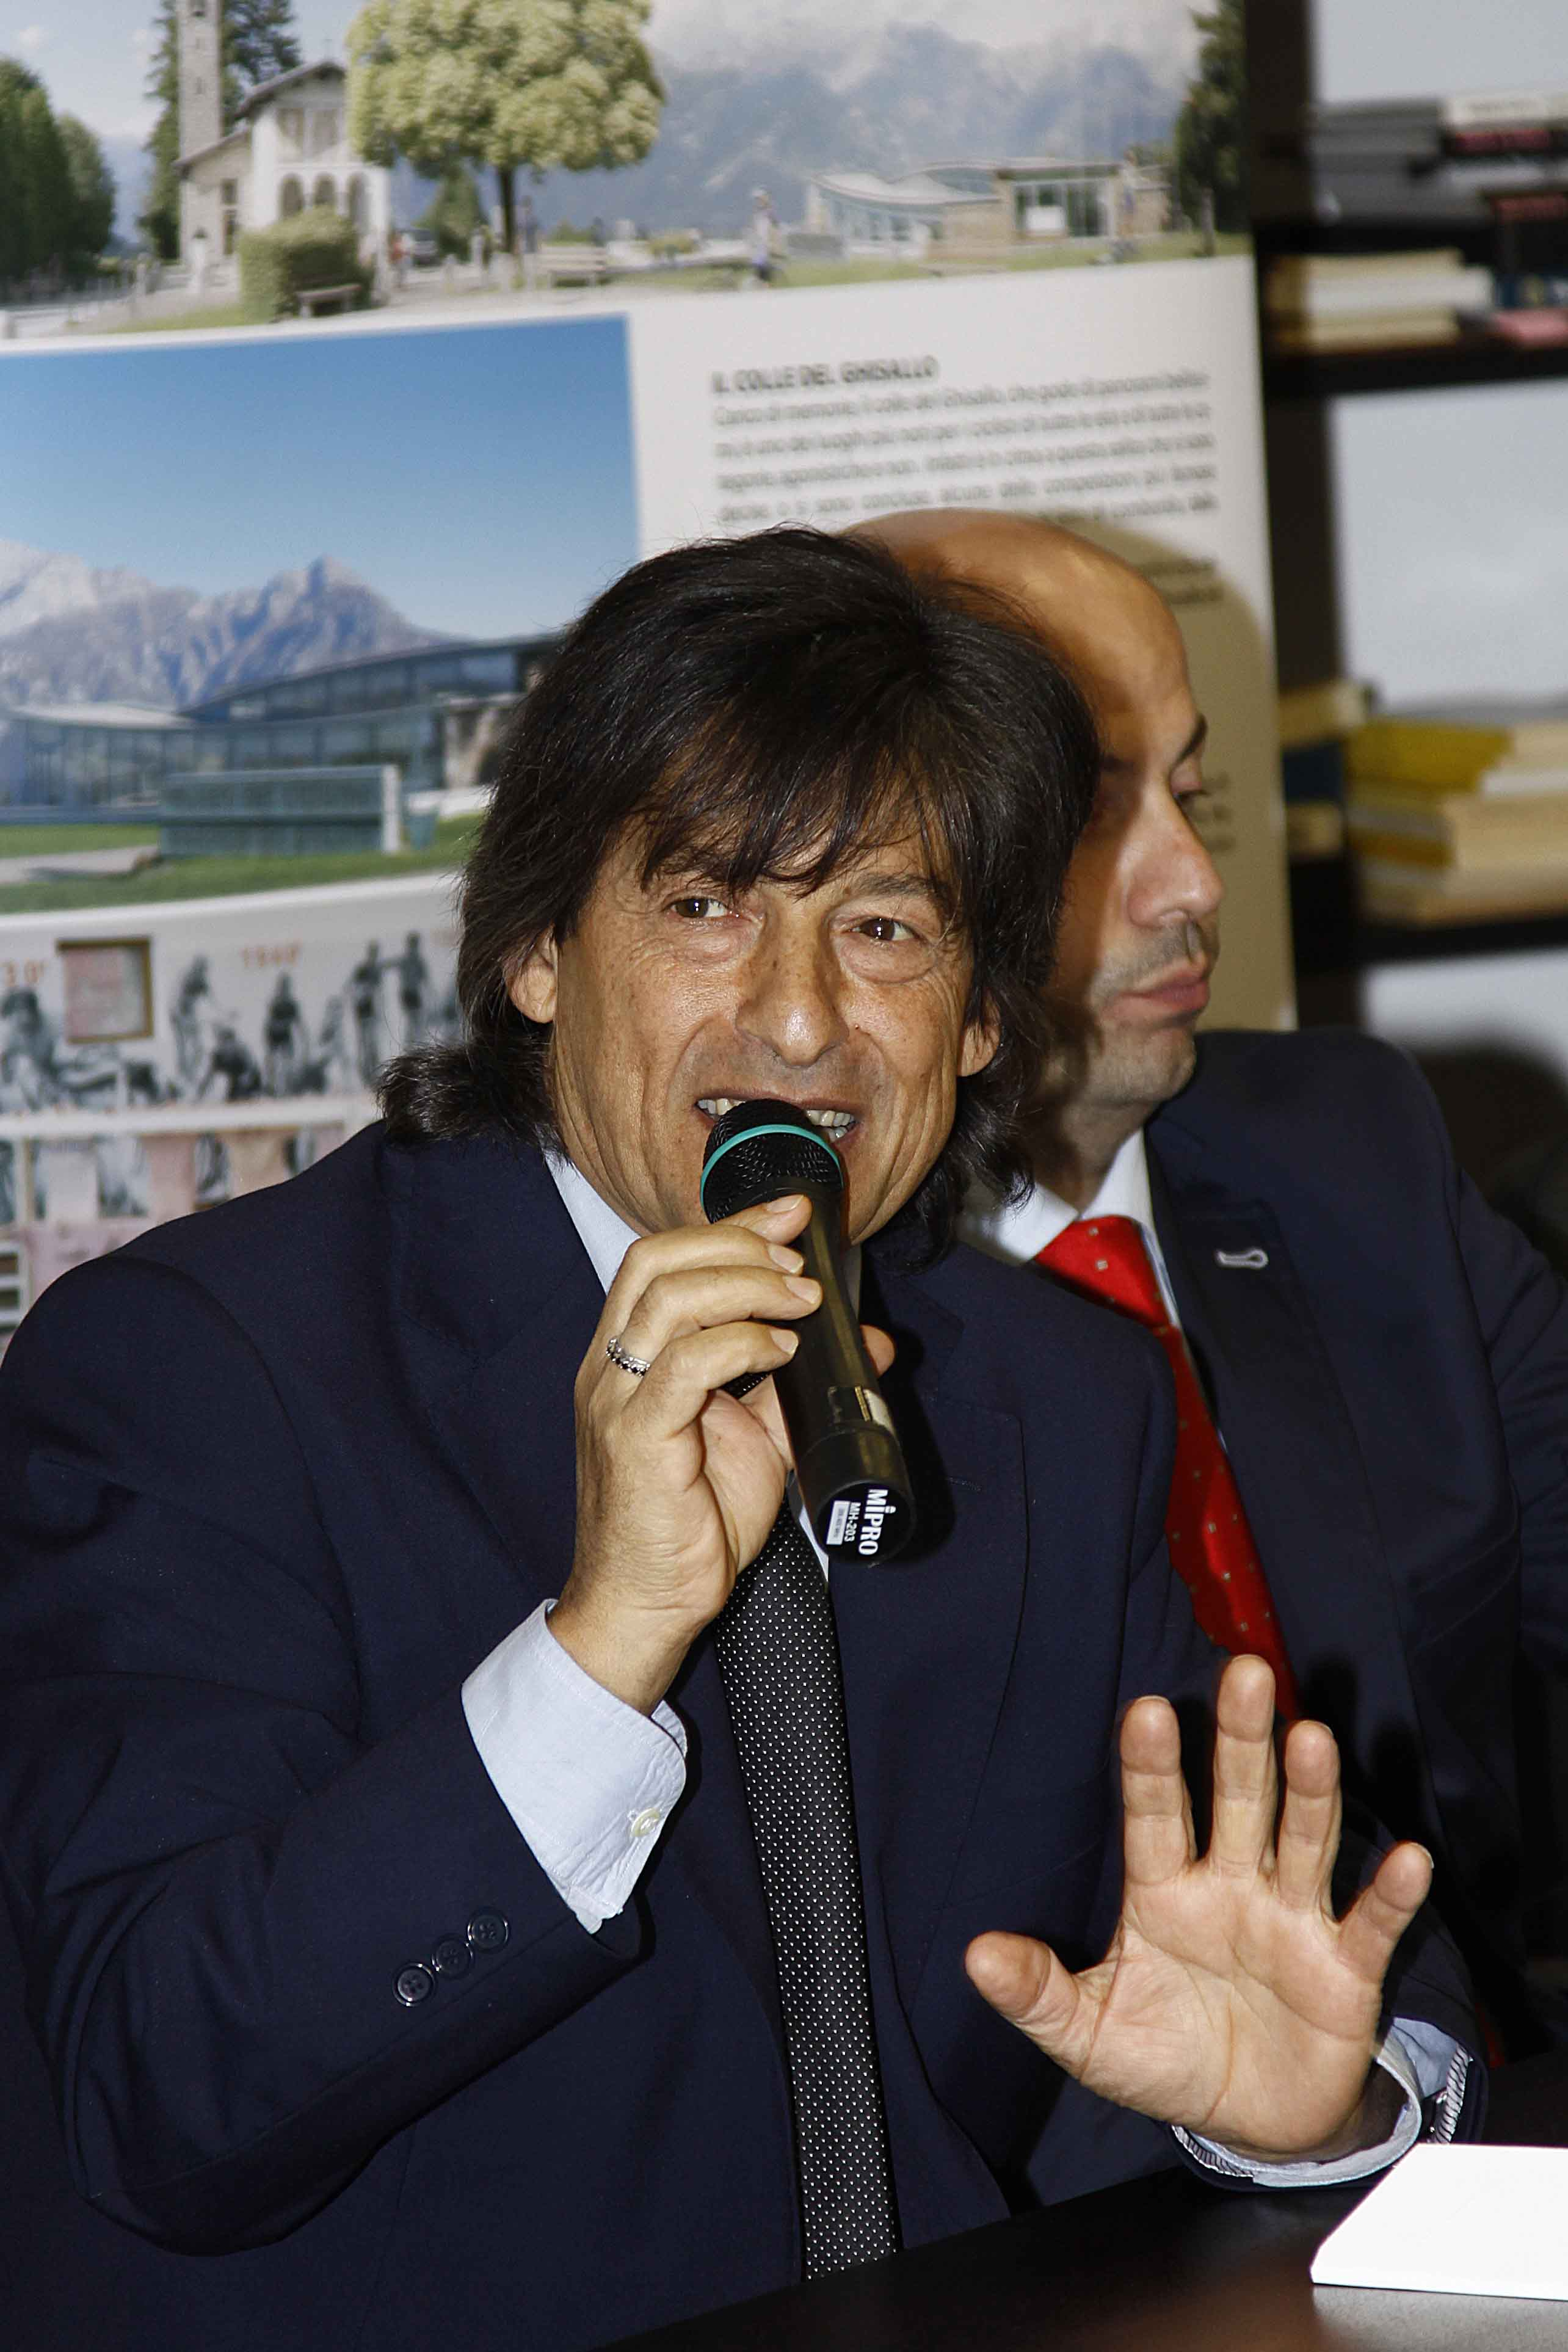 Presentazione Tappa Giro Donne 2014